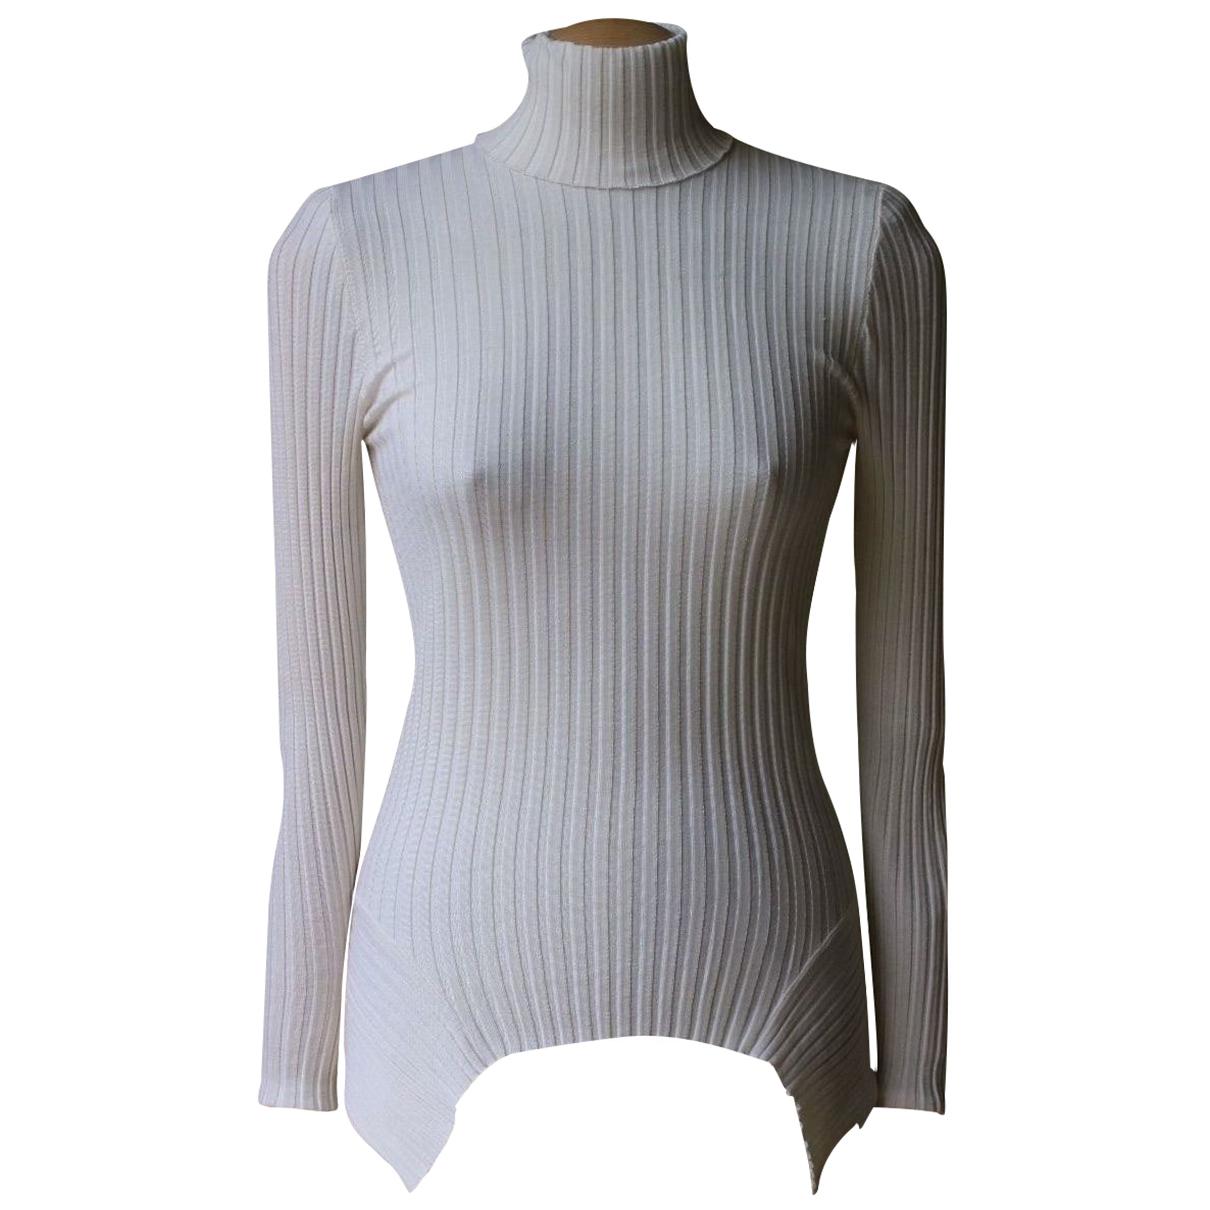 Stella Mccartney N White Wool Knitwear for Women 6 UK